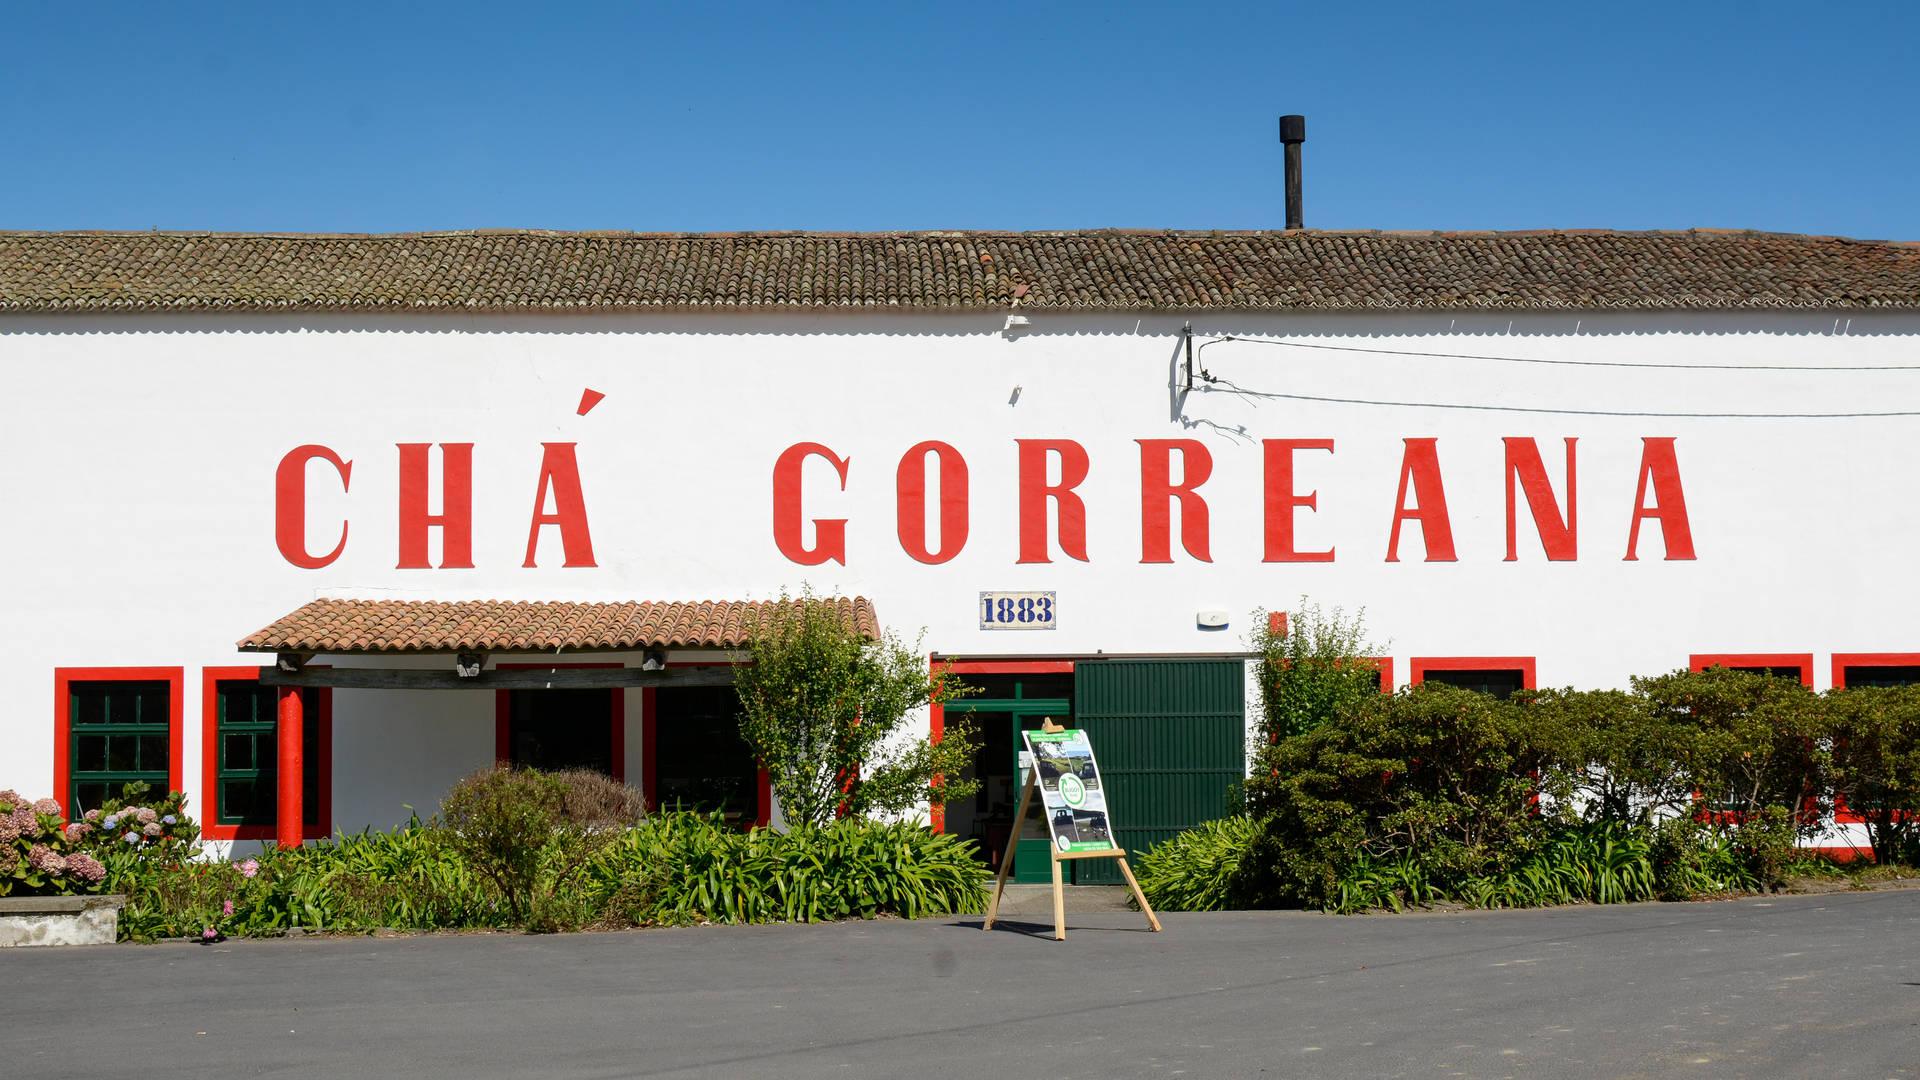 De Cha Gorreana theefabriek